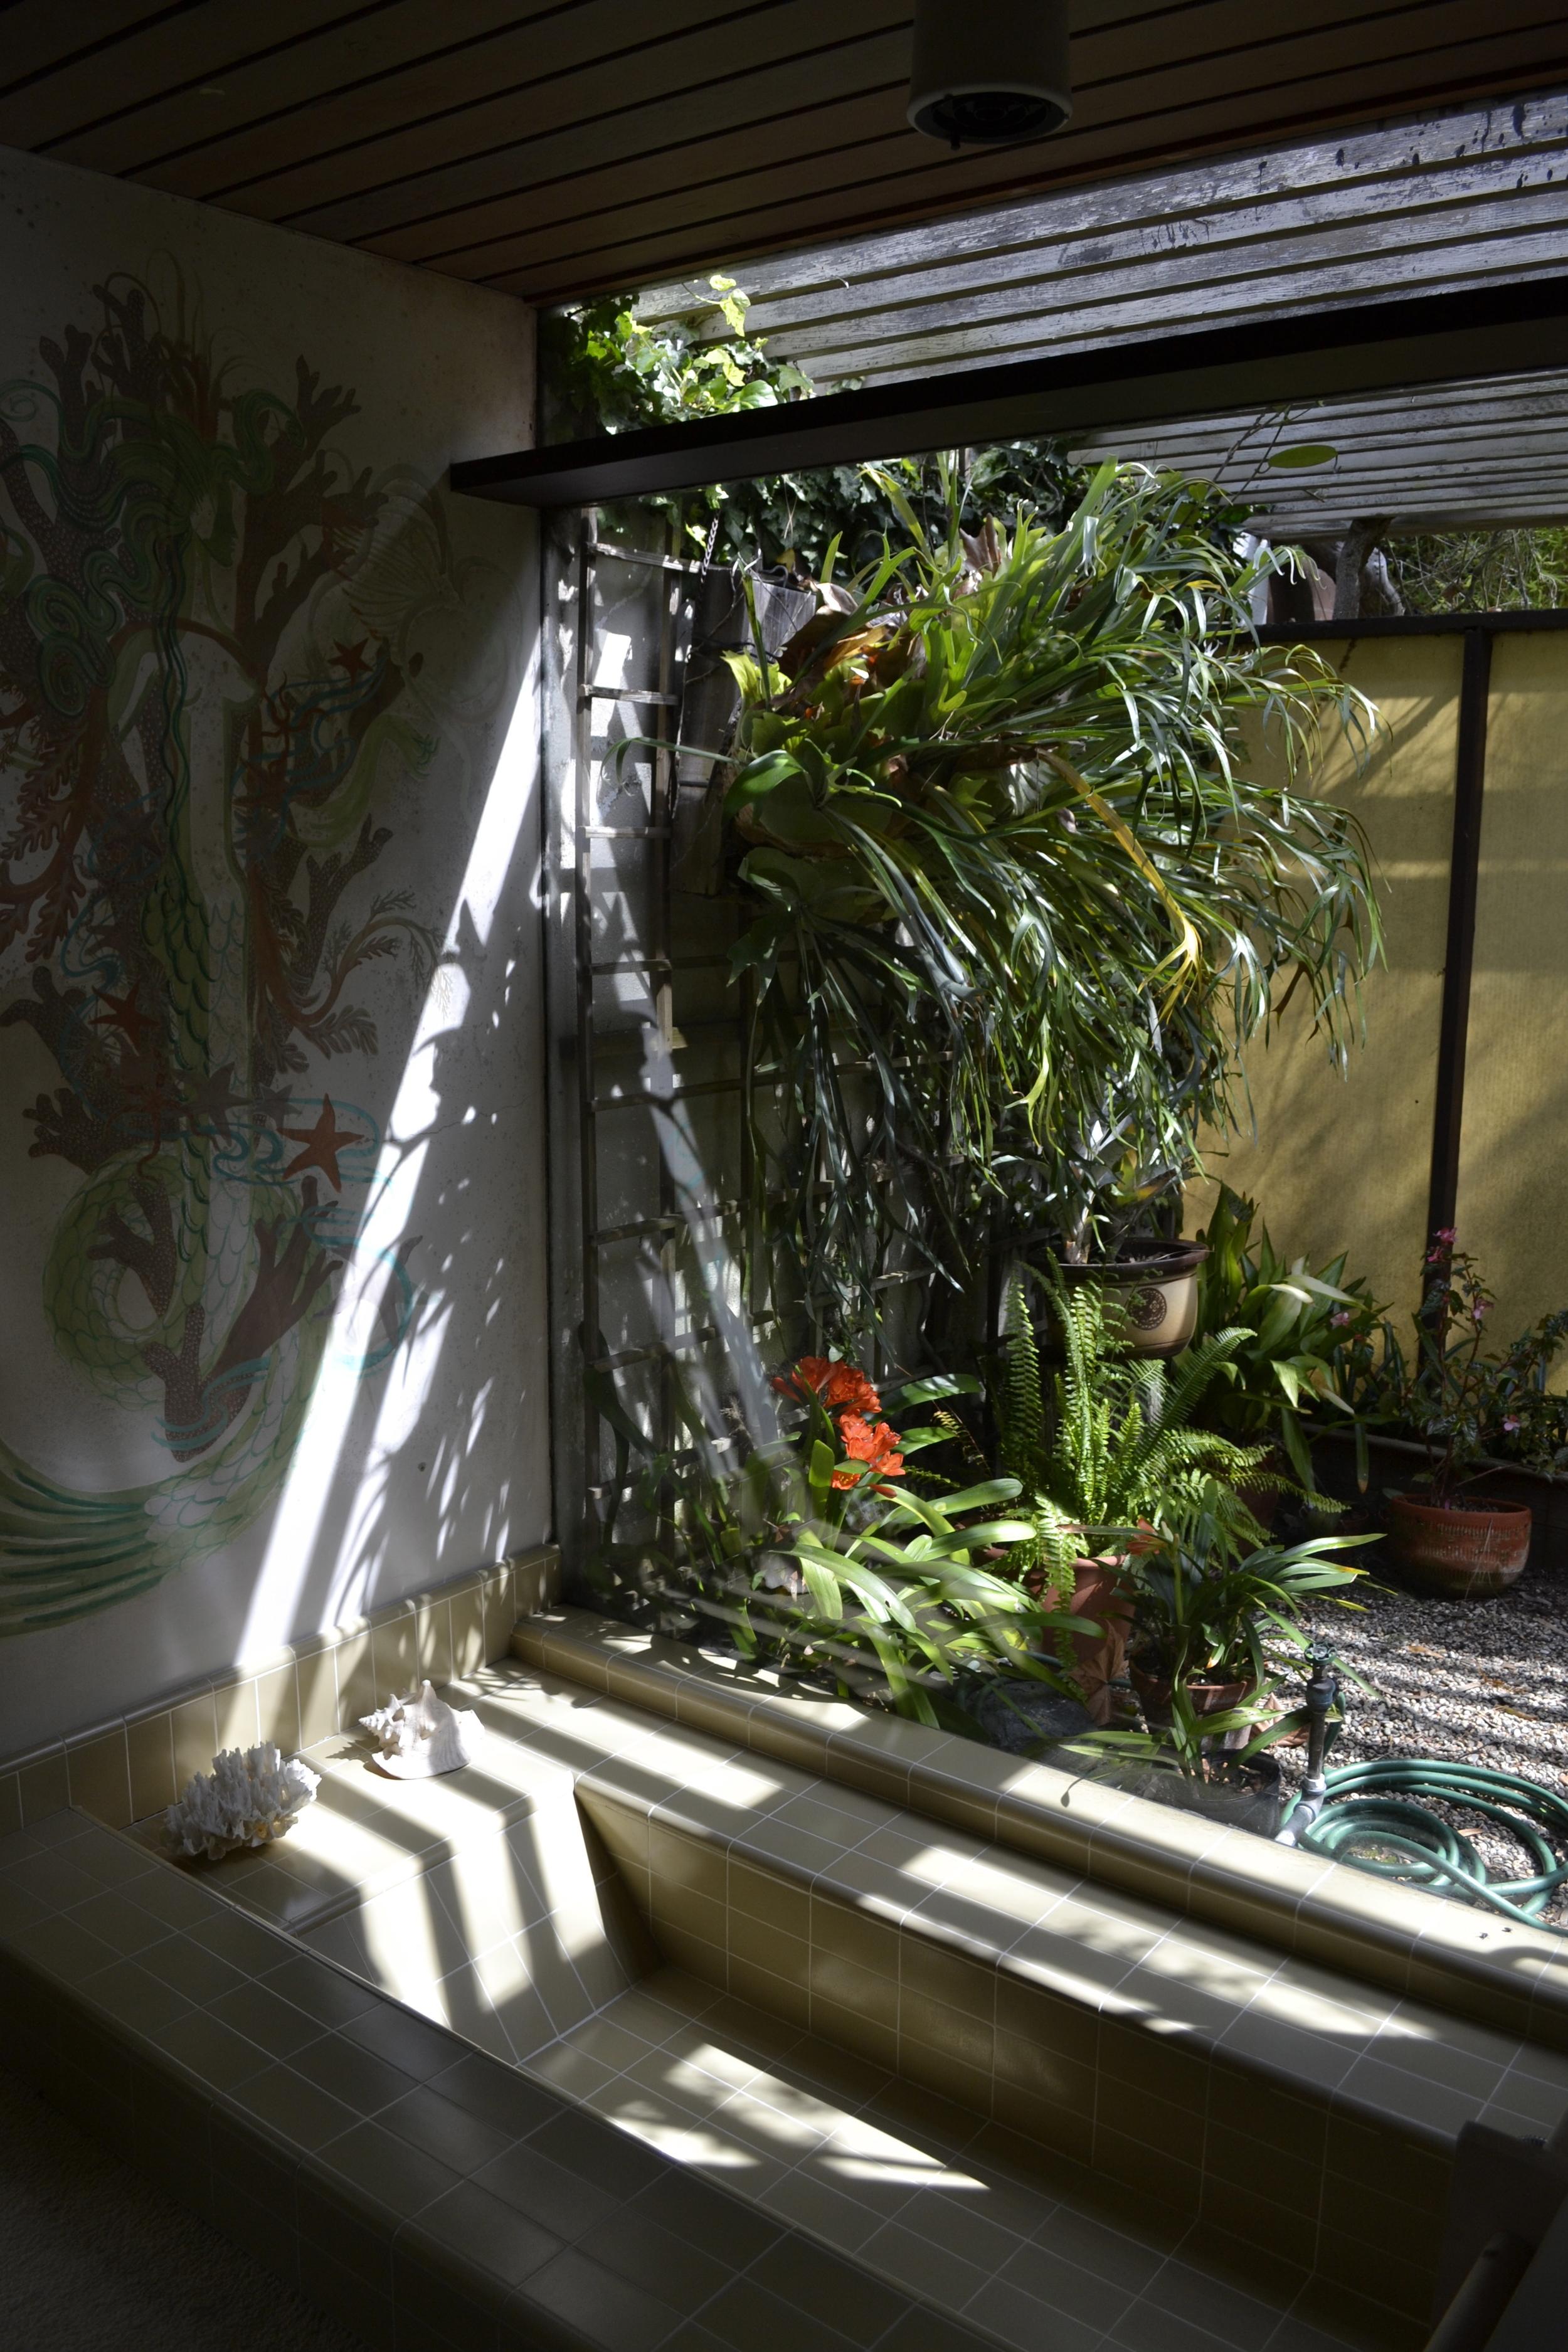 Hortense Miller Garden